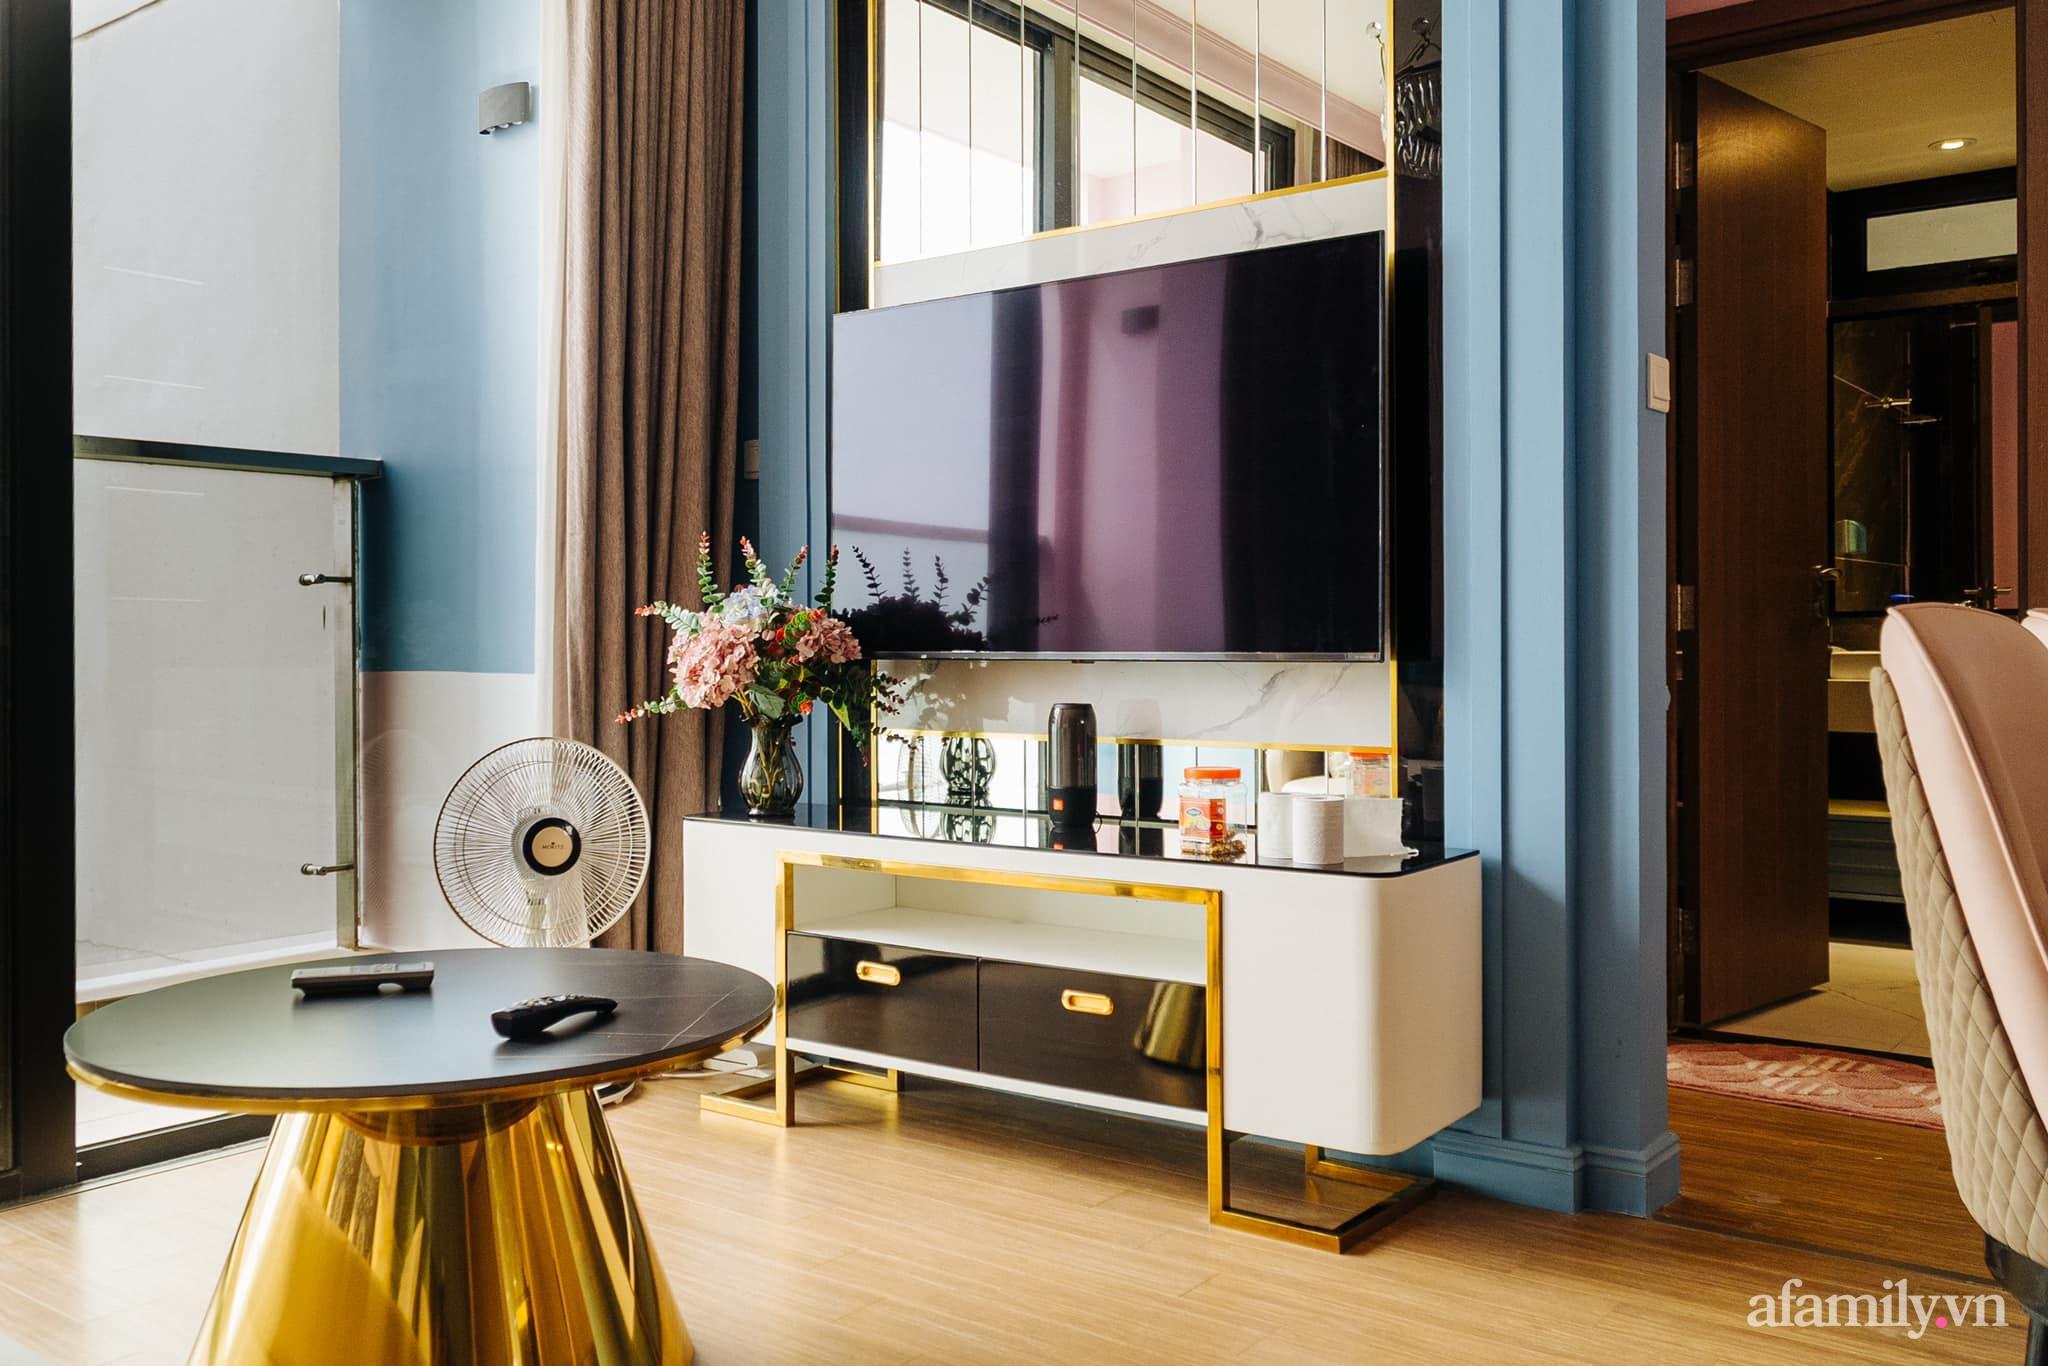 Căn hộ 45m² đẹp không góc chết với điểm nhấn màu xanh hồng cực chất có chi phí hoàn thiện 200 triệu đồng ở Hà Nội - Ảnh 3.